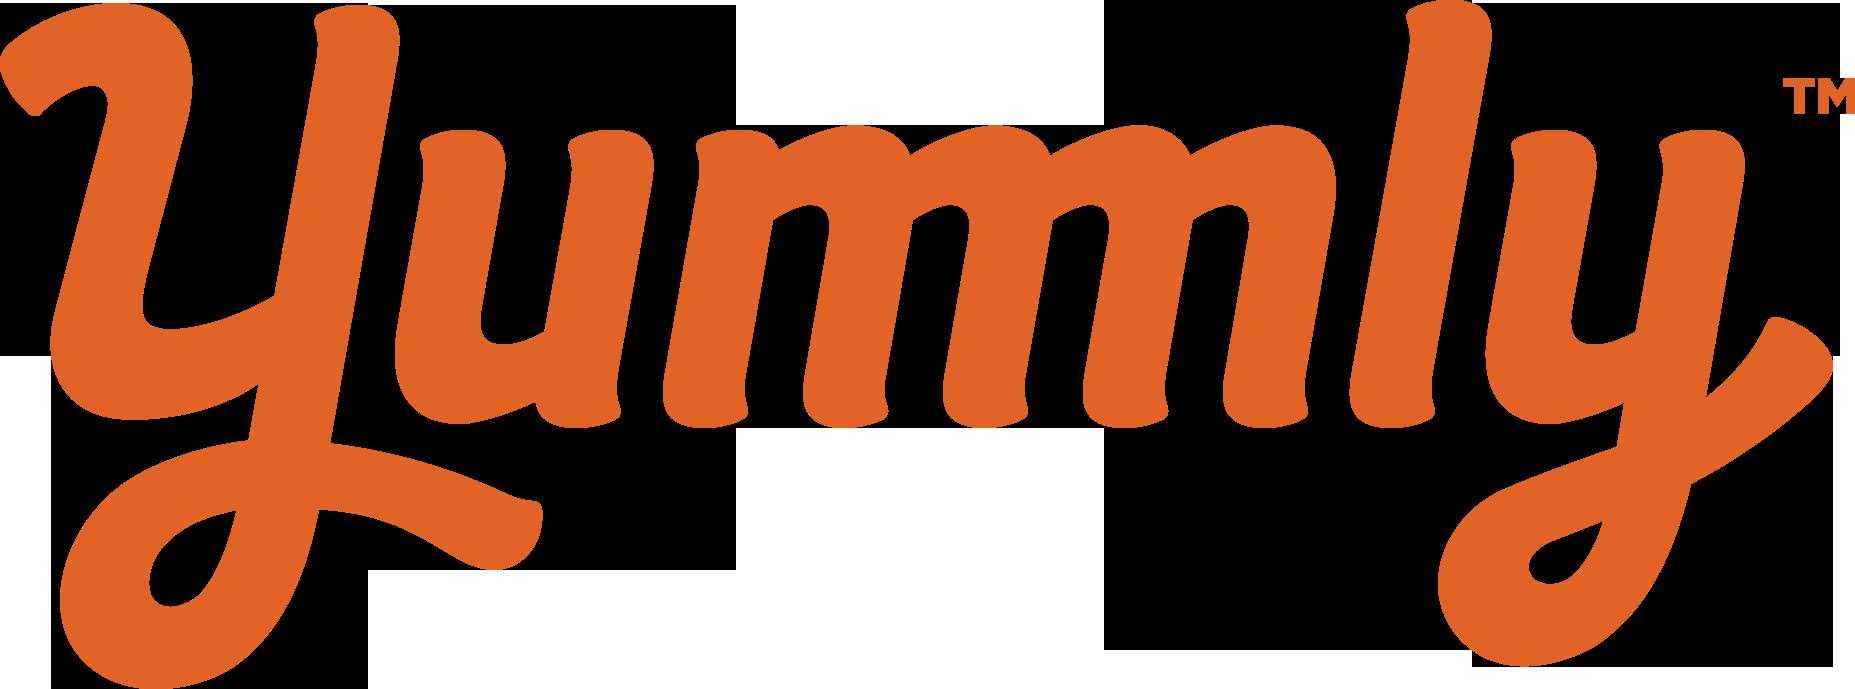 Yummly_logo.png